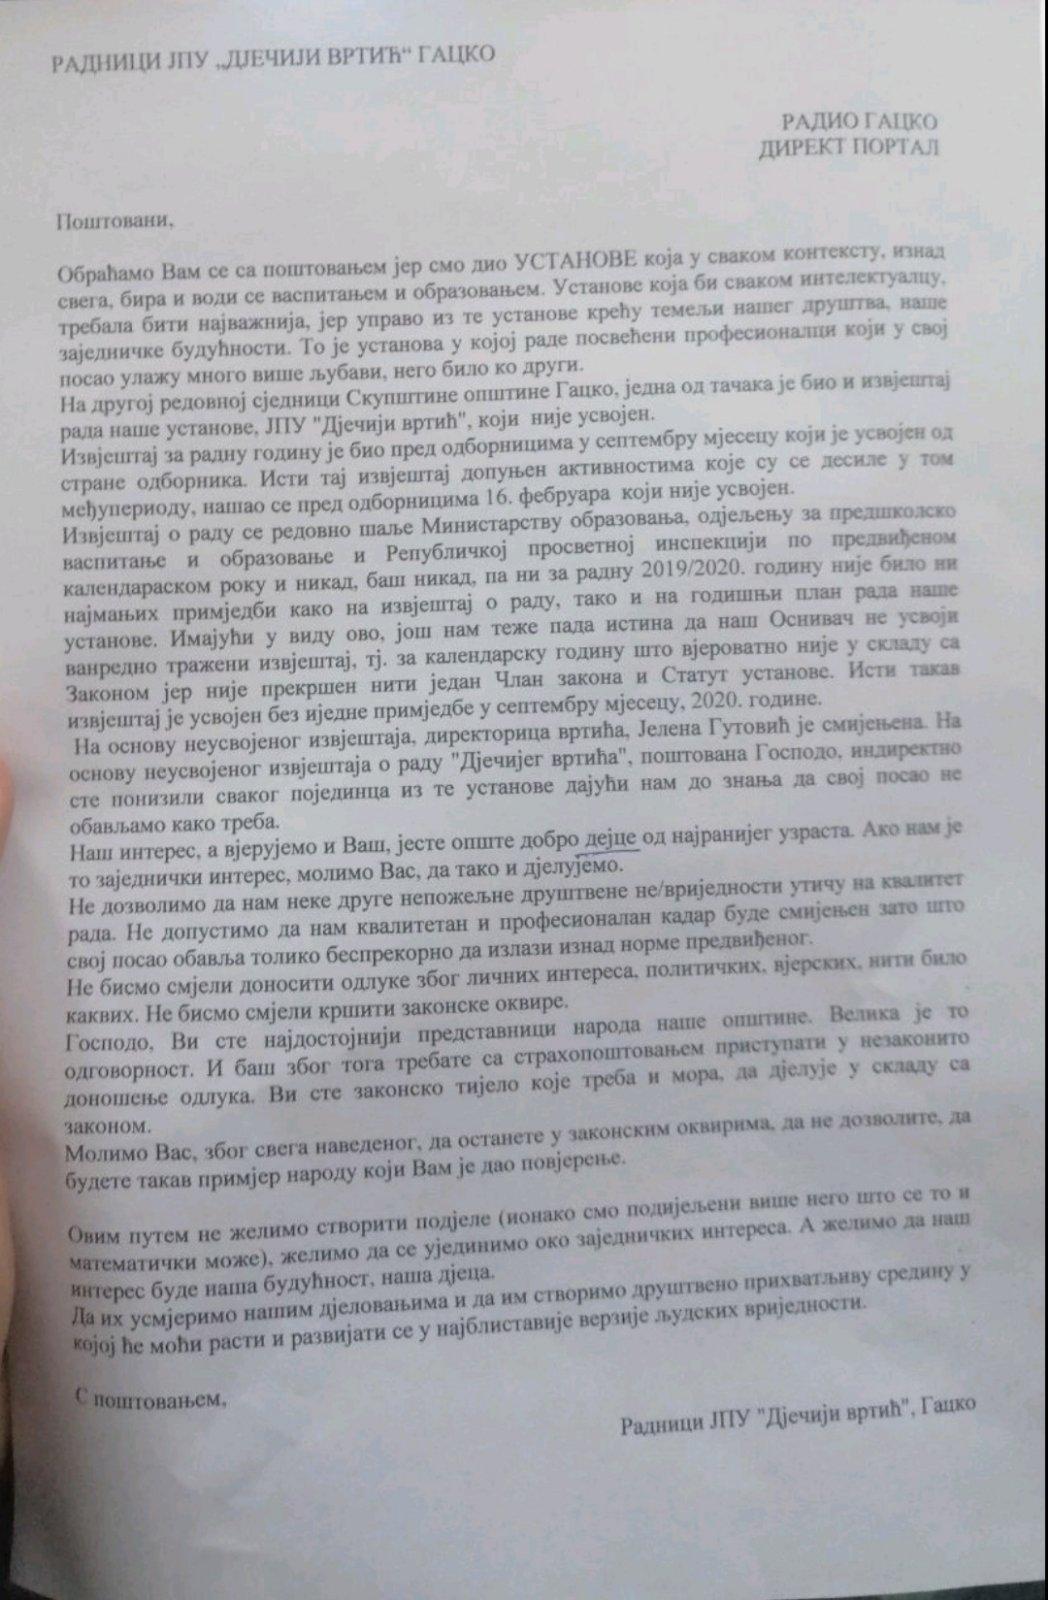 Radnici su pismo uputili načelniku opštine Gacko i predsedniku SO